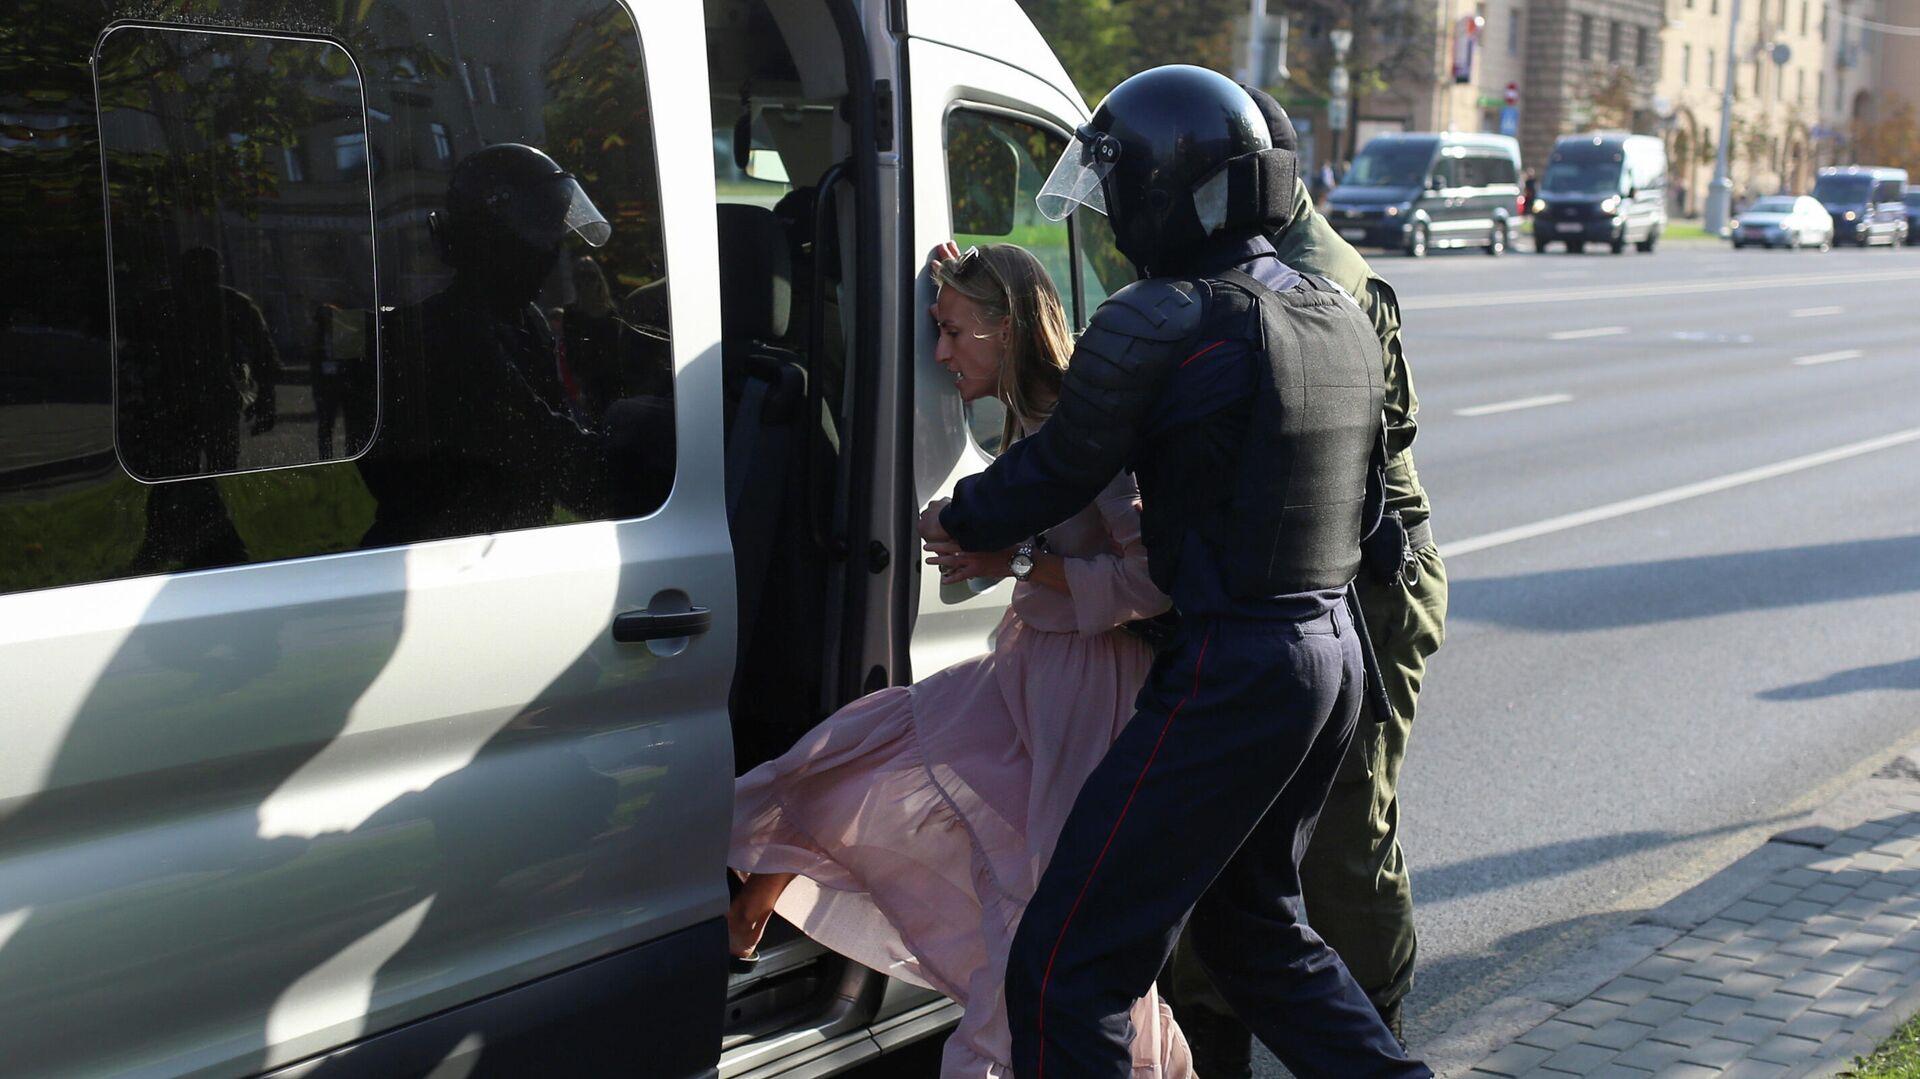 Сотрудники правоохранительных органов задерживают женщину во время митинга оппозиции в Минске - РИА Новости, 1920, 26.09.2020